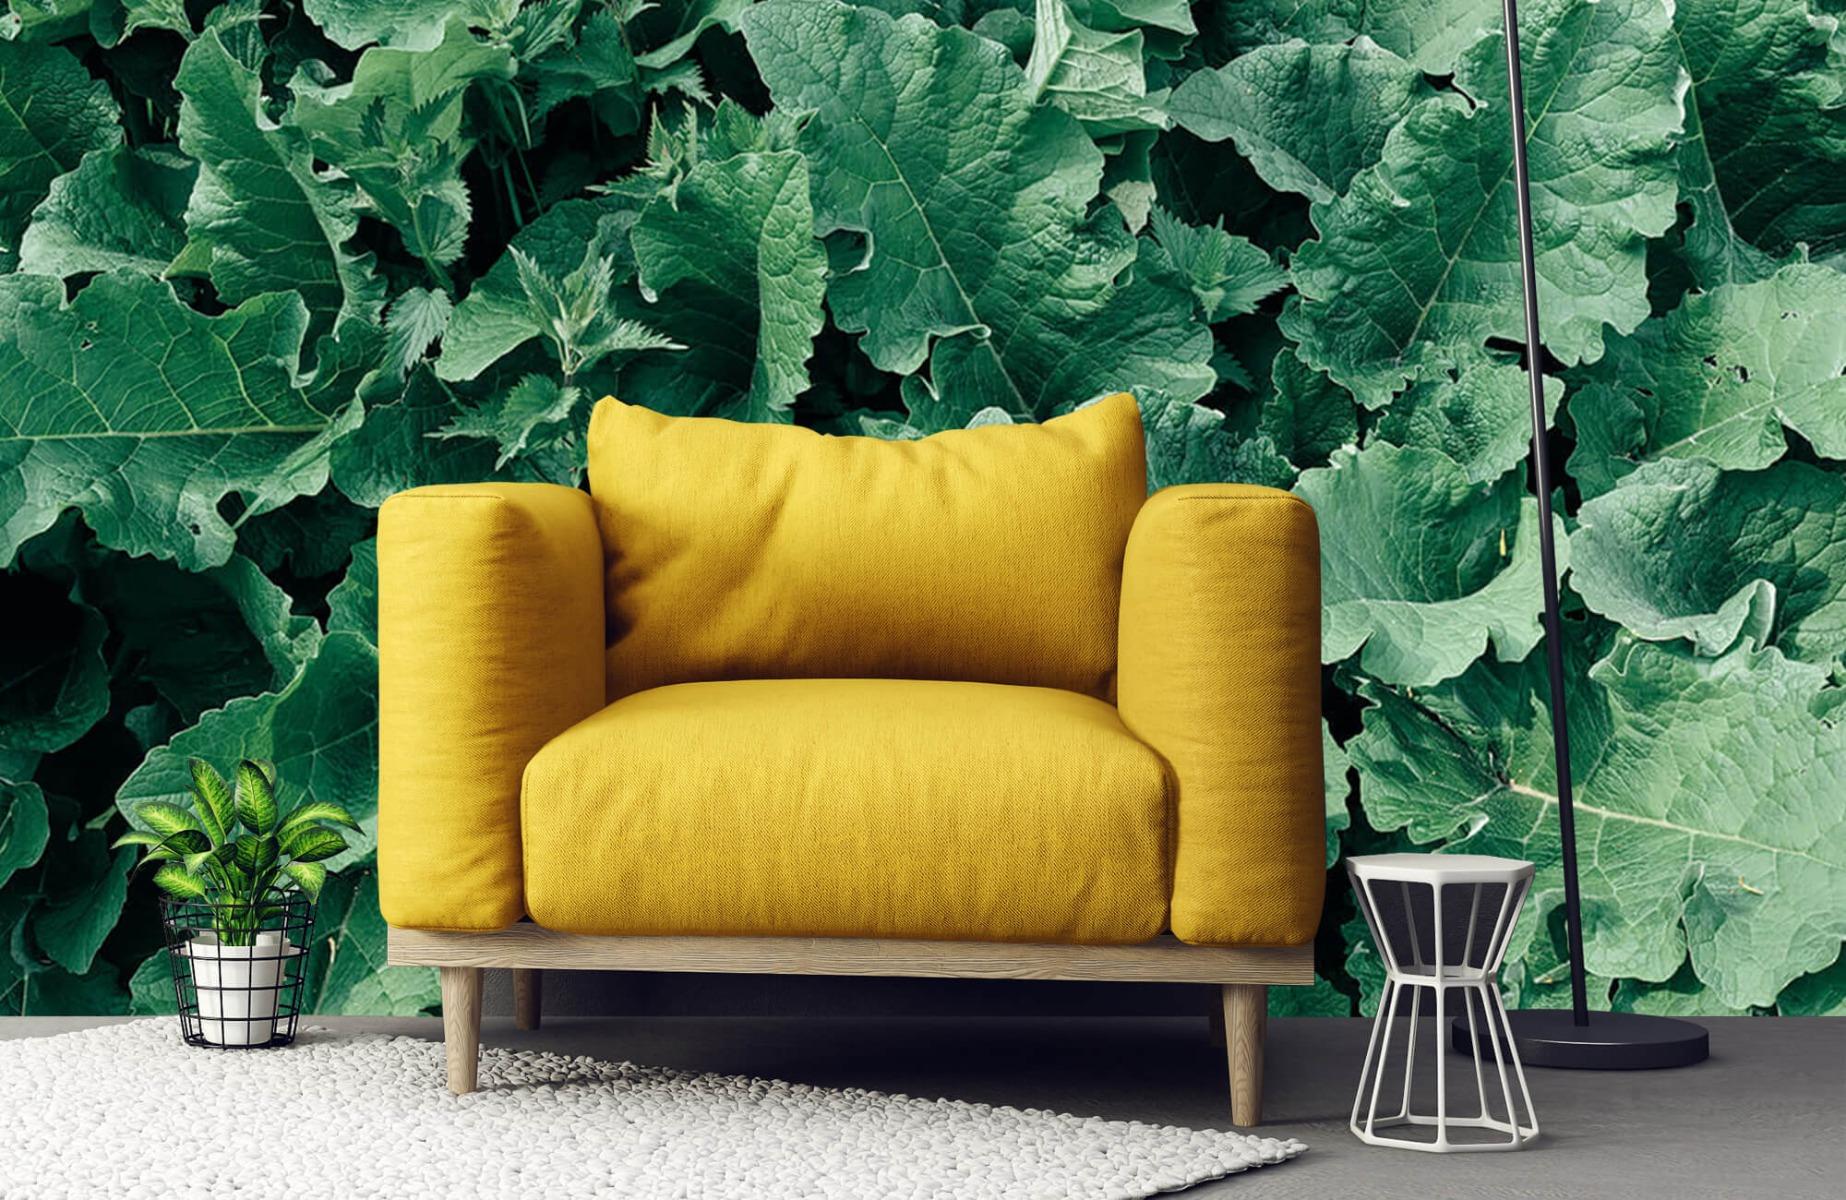 Bladeren - Gedetailleerd groen bladerdek - Wallexclusive - Slaapkamer 21